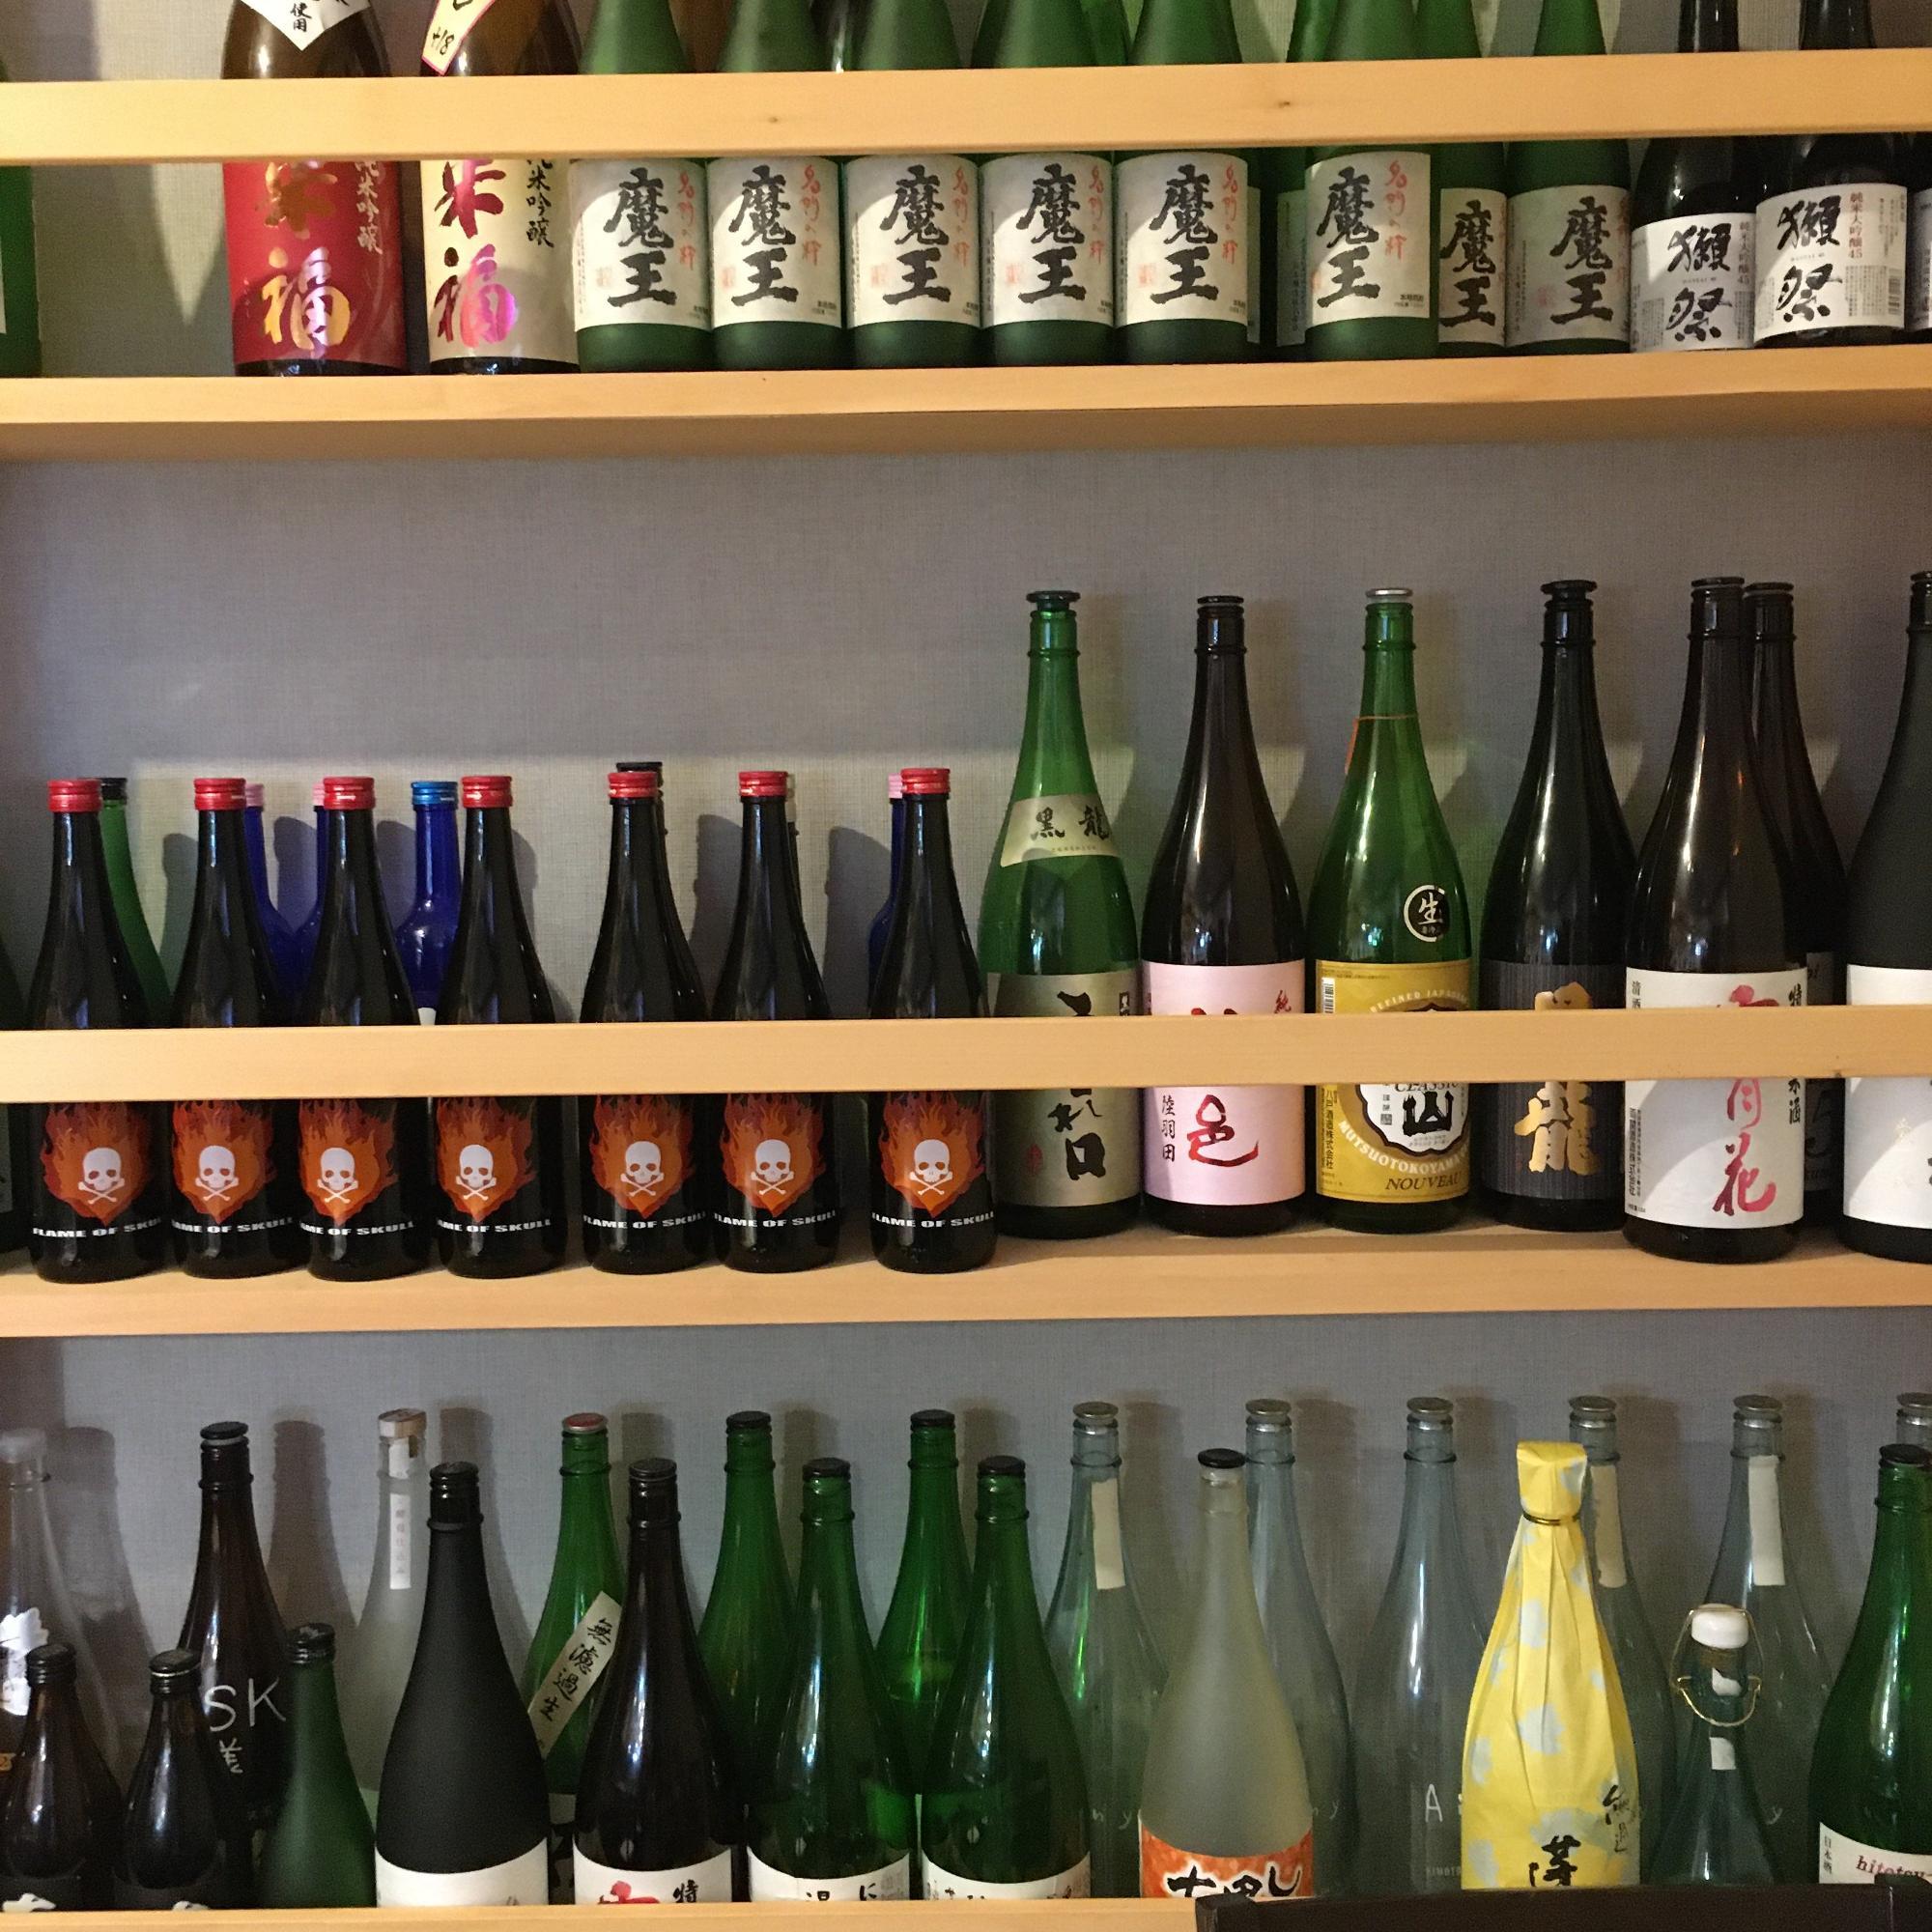 「海ごころ 離」の日本酒の一部。美味しいお酒と魚料理が好きなお年頃になってしまった!